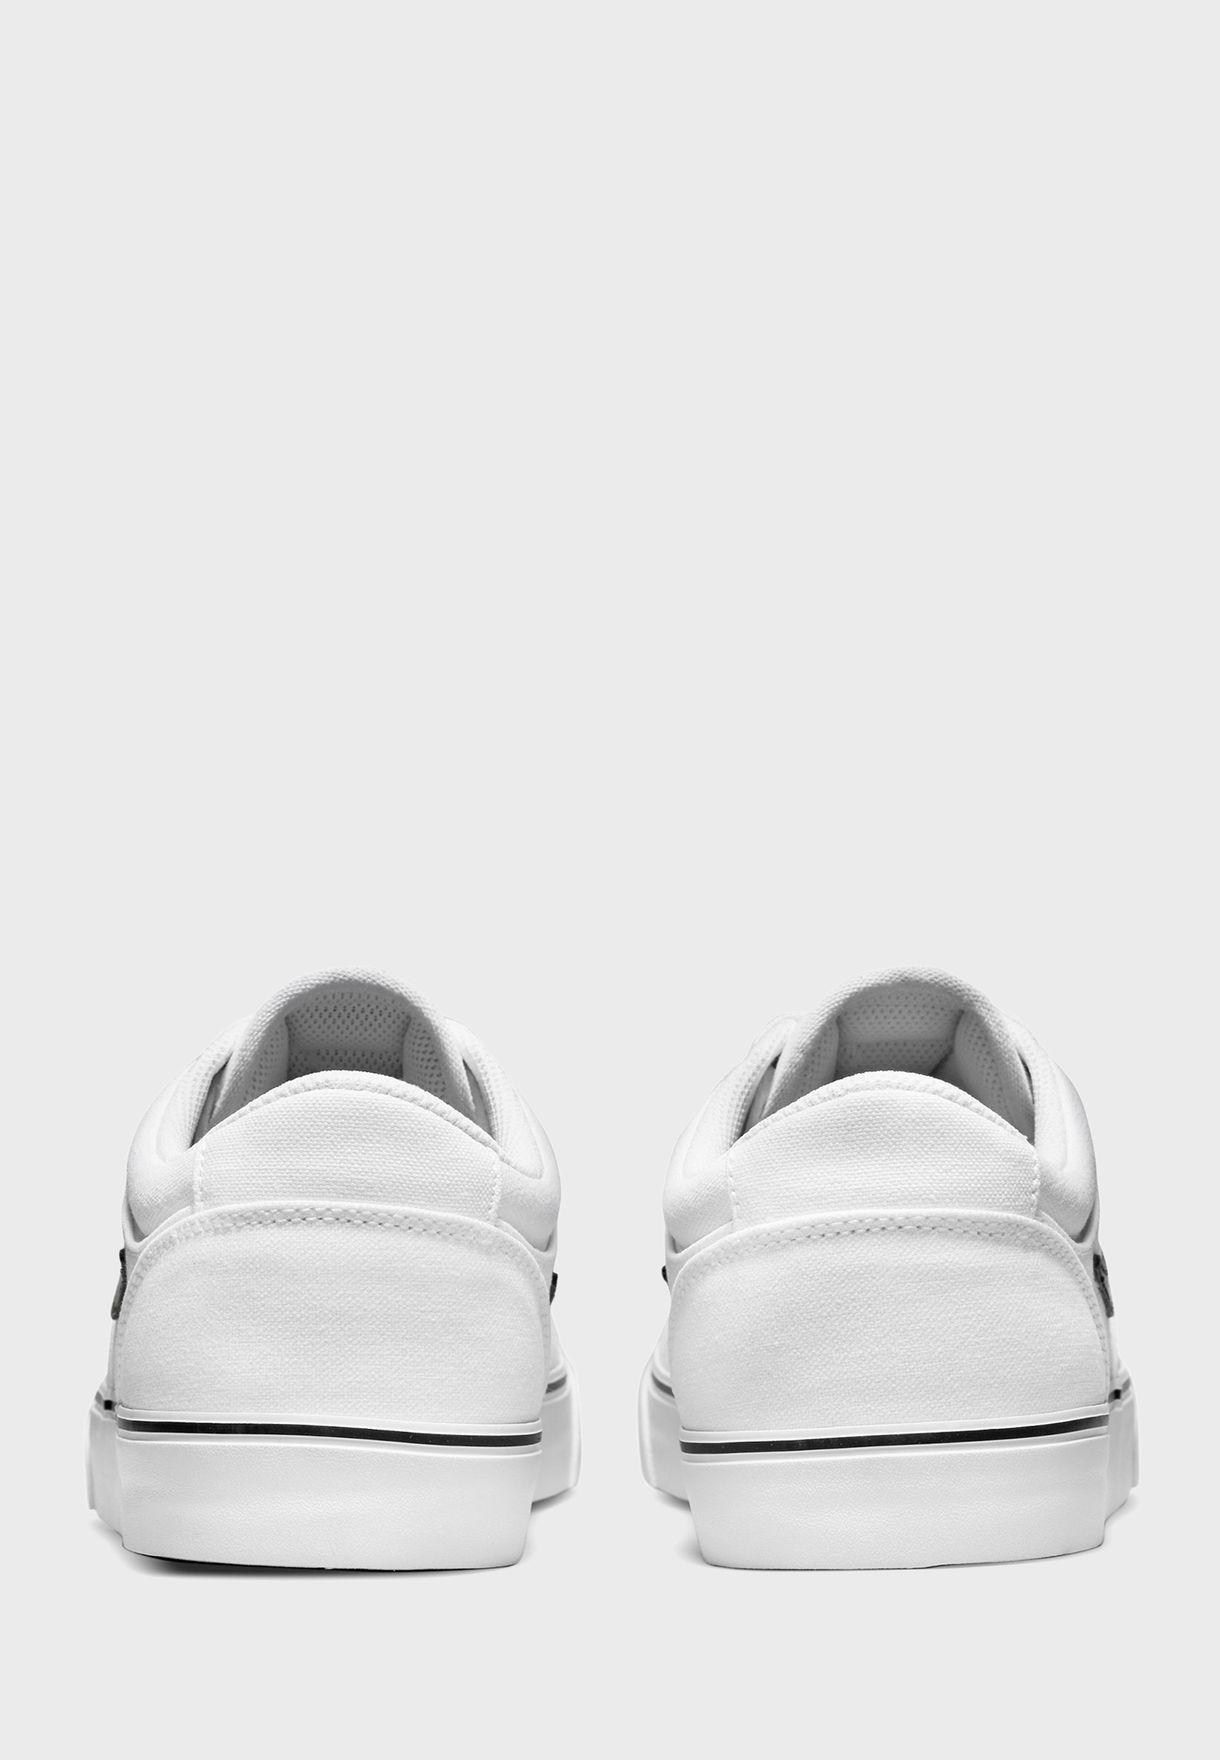 حذاء اس بي شرون 2 كانفاس